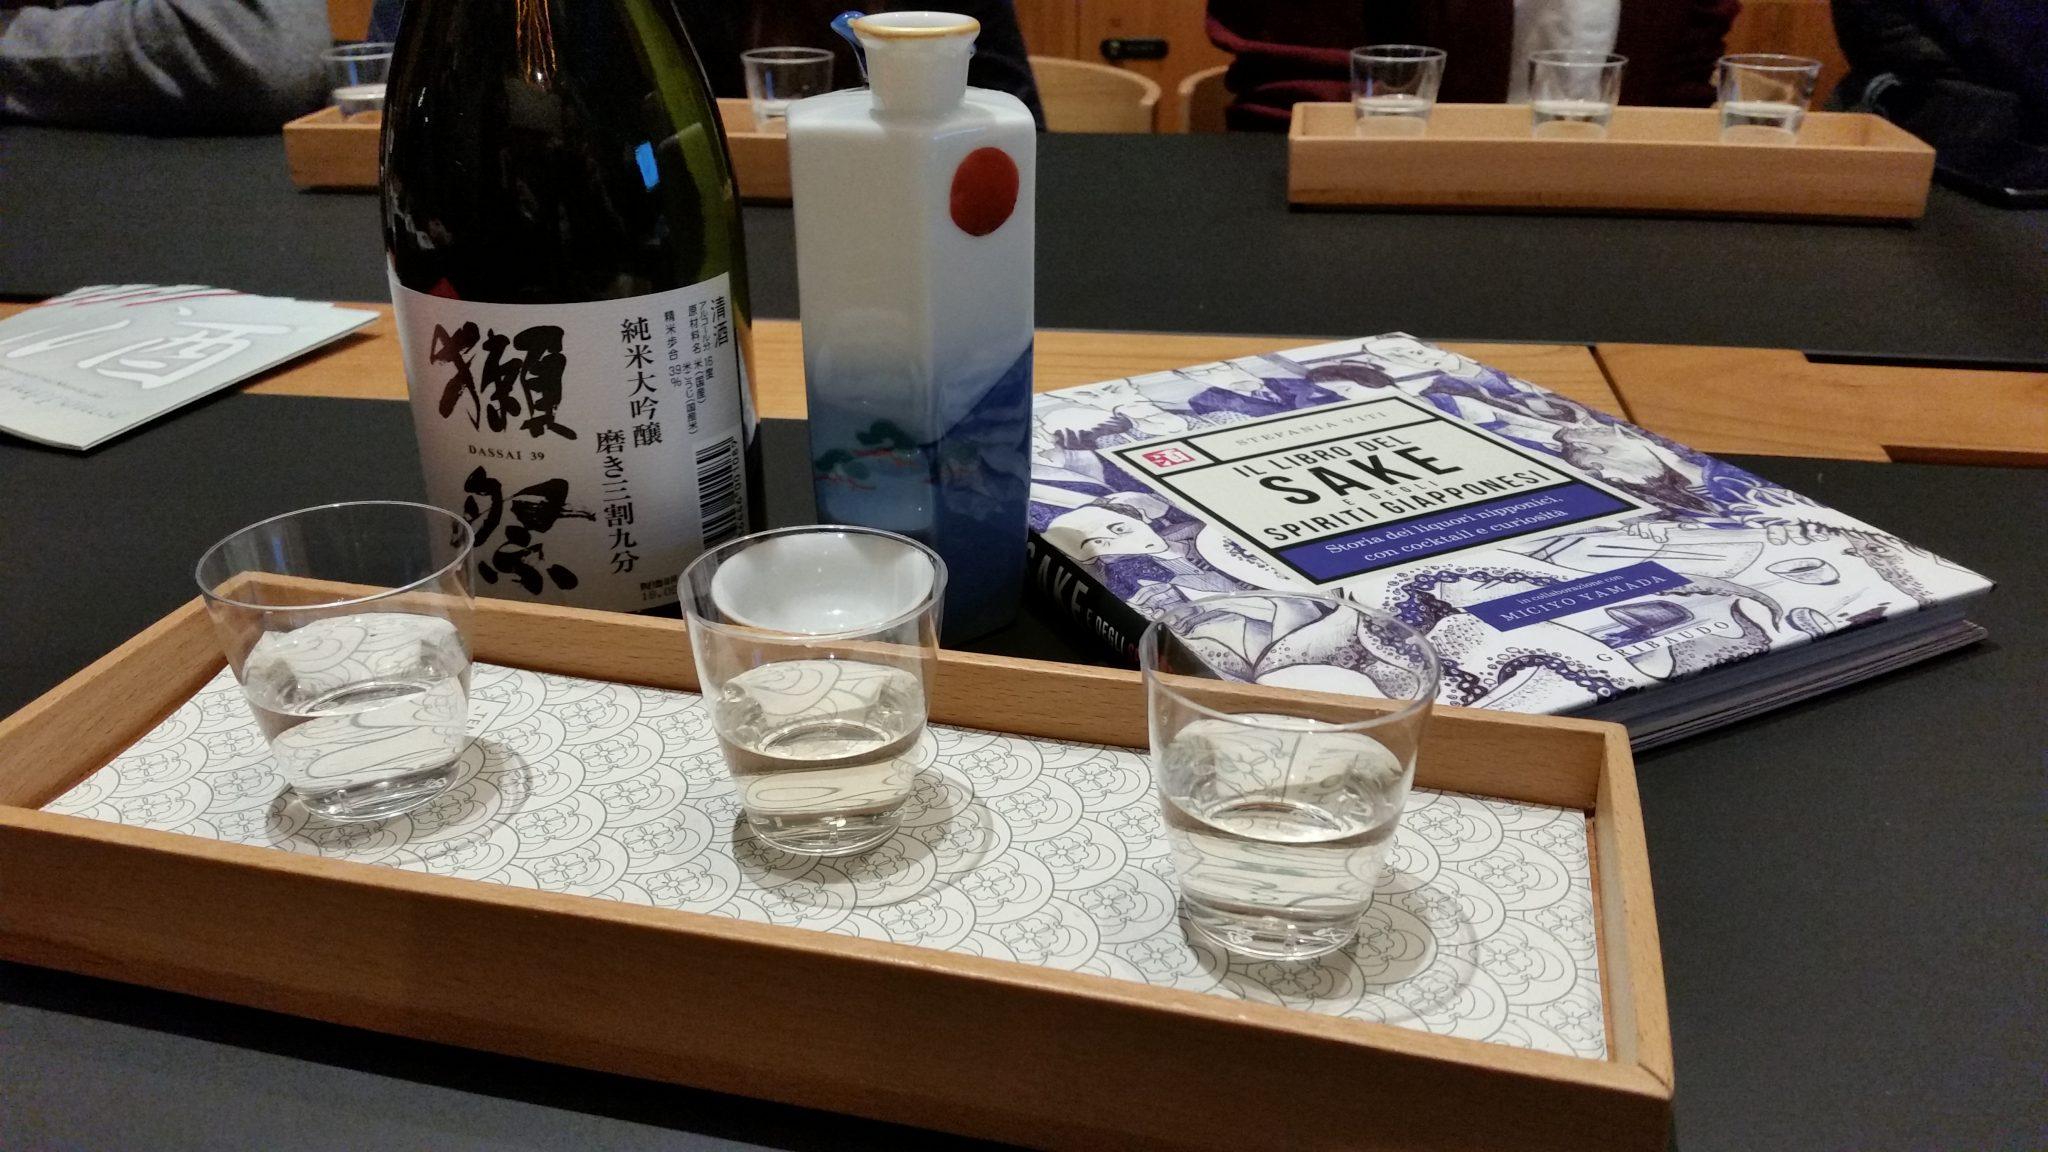 Alla conquista di Milano: il libro del sake e degli spiriti giapponesi